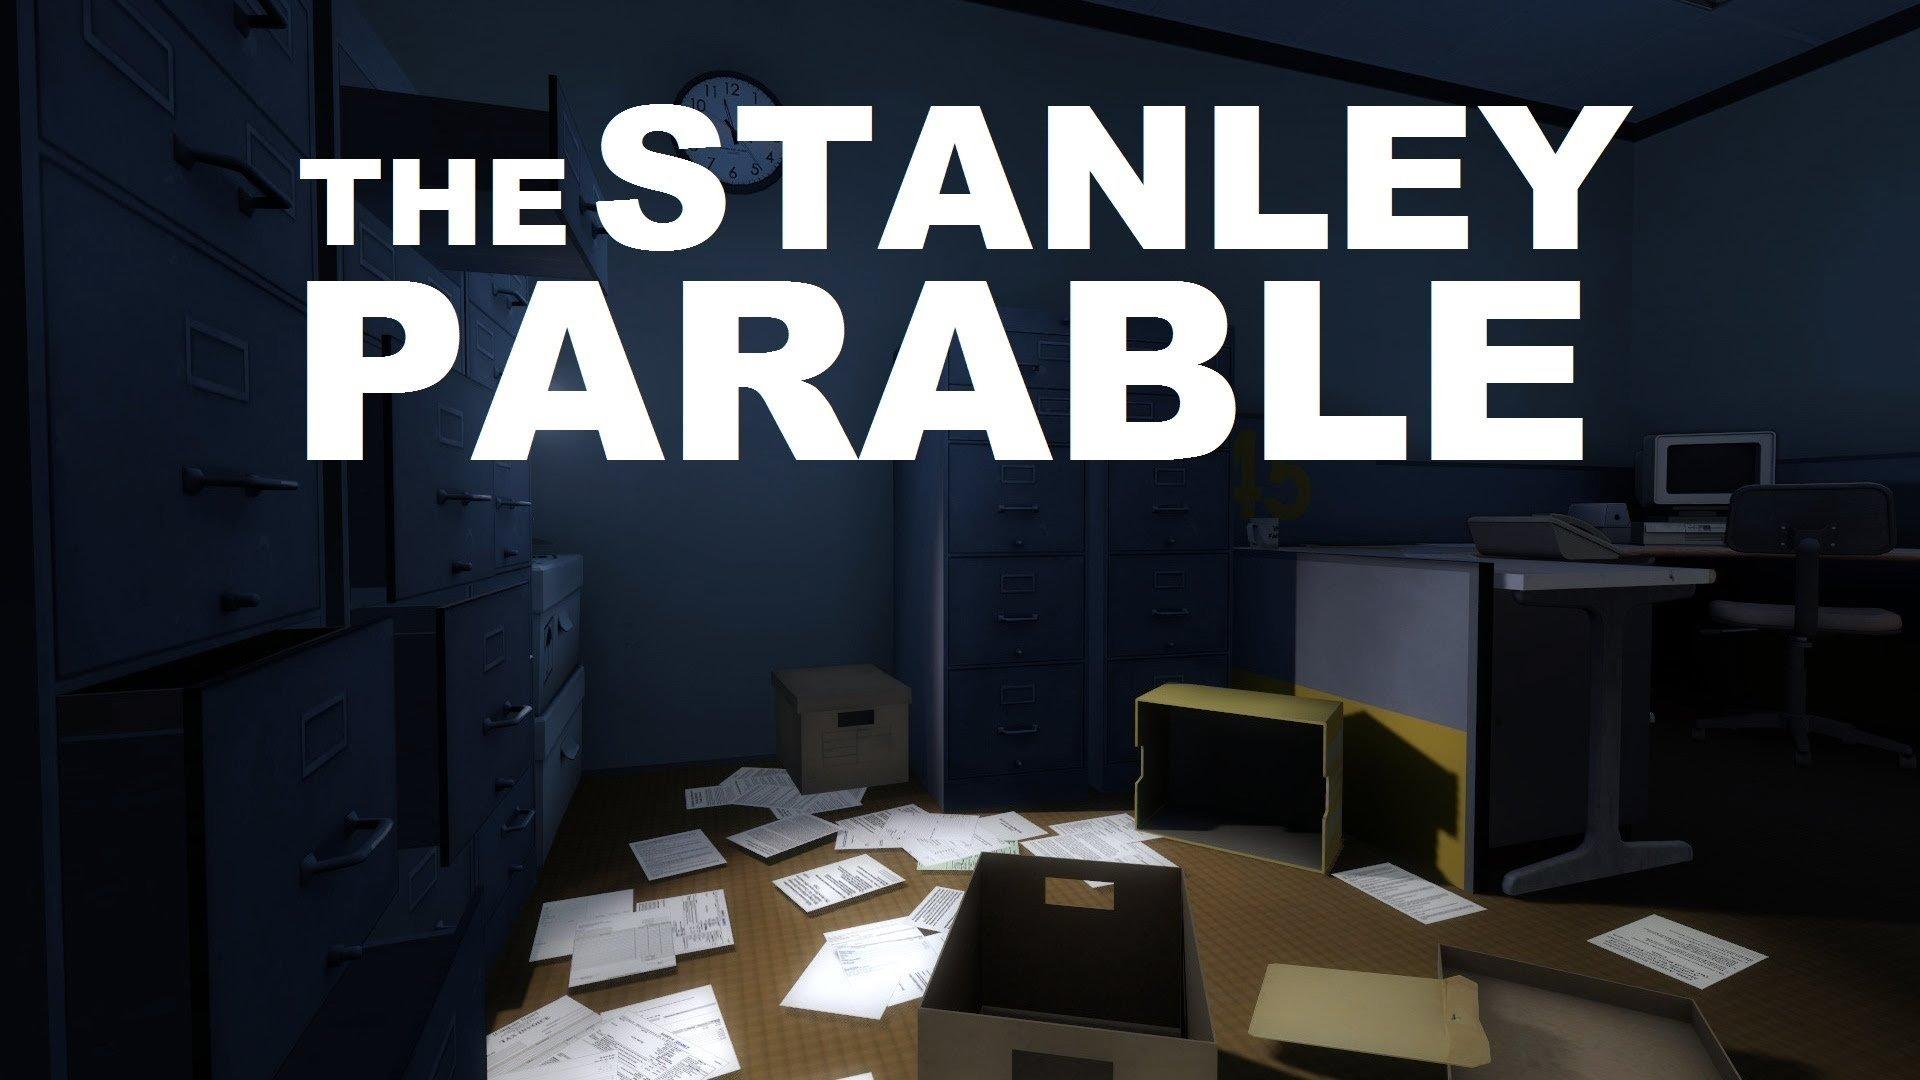 Resultado de imagem para the stanley parable 1920x1080